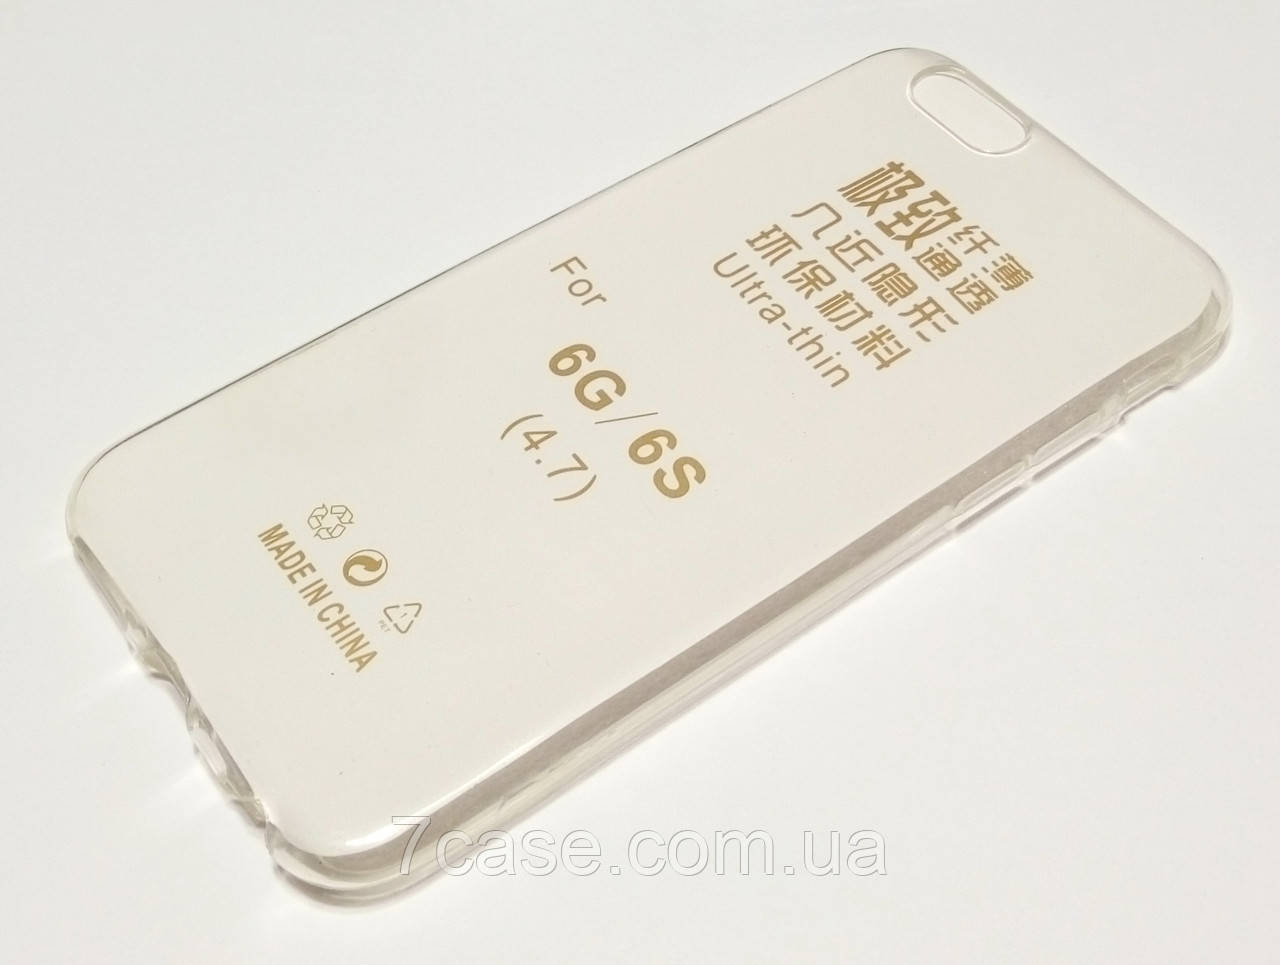 Чехол для iPhone 6 / 6s силиконовый прозрачный ультратонкий